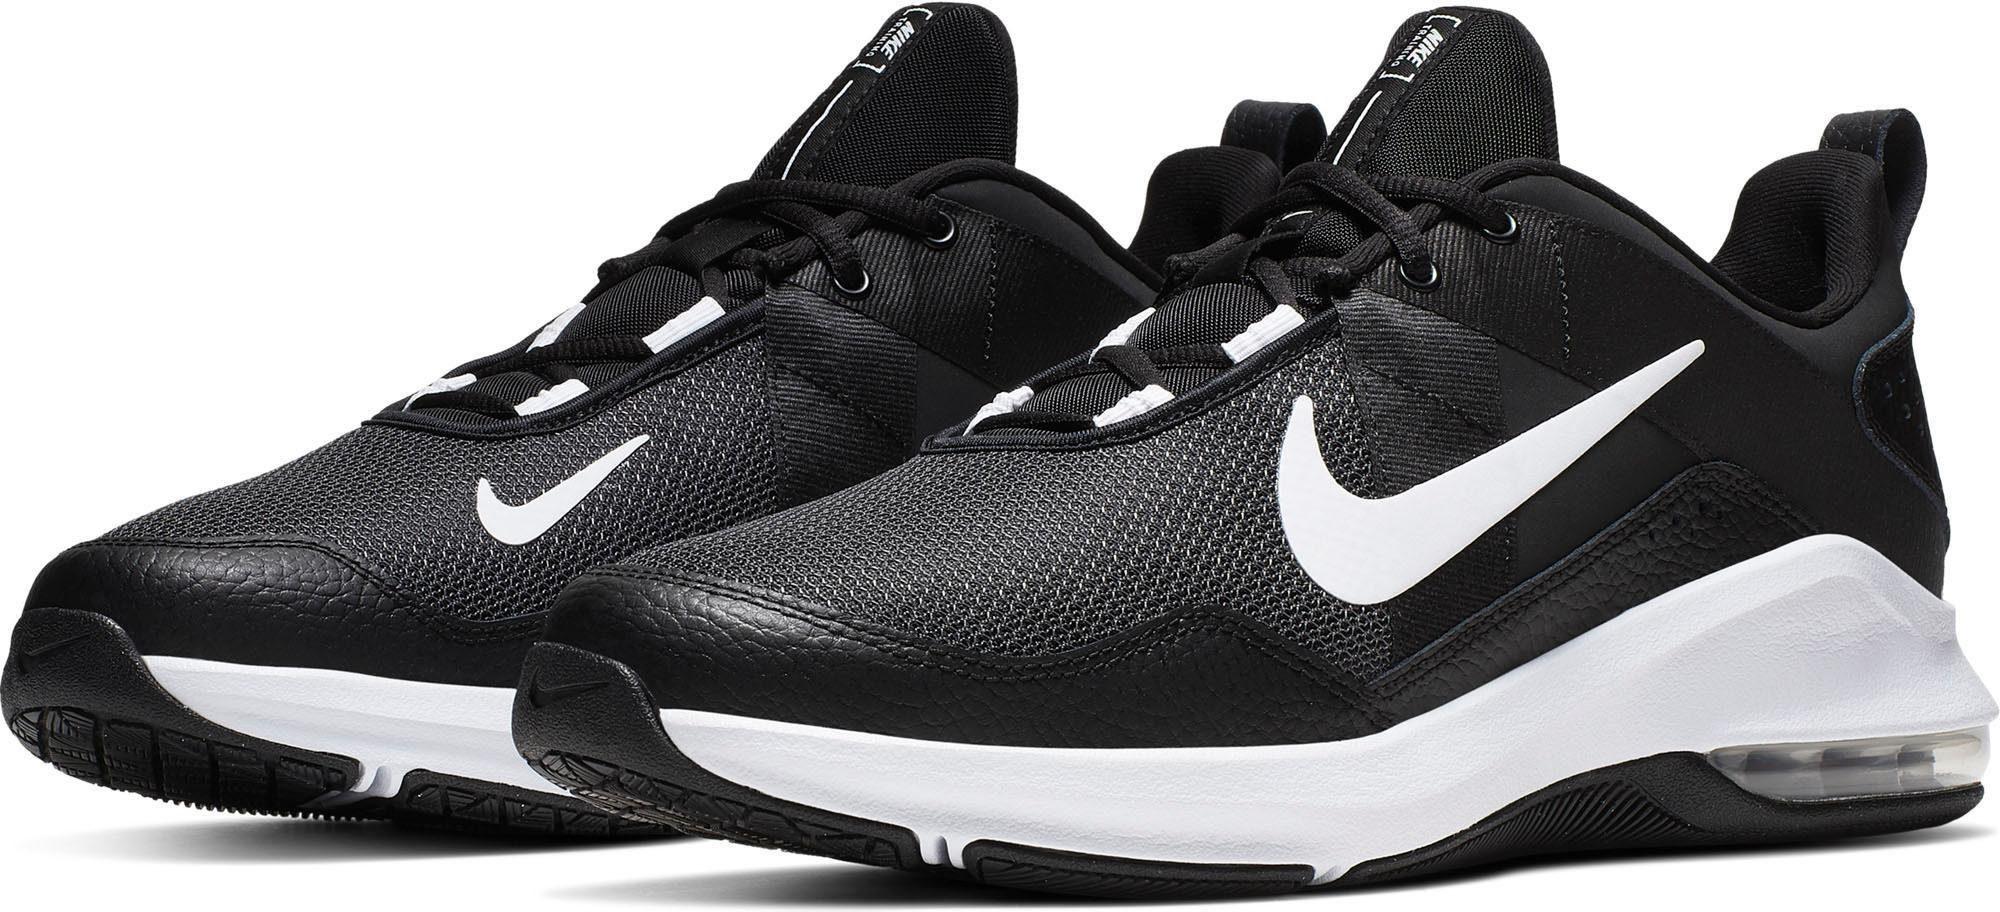 Nike »Air Max Alpha Trainer 2« Sneaker, Leichter Fitnessschuh von Nike online kaufen | OTTO